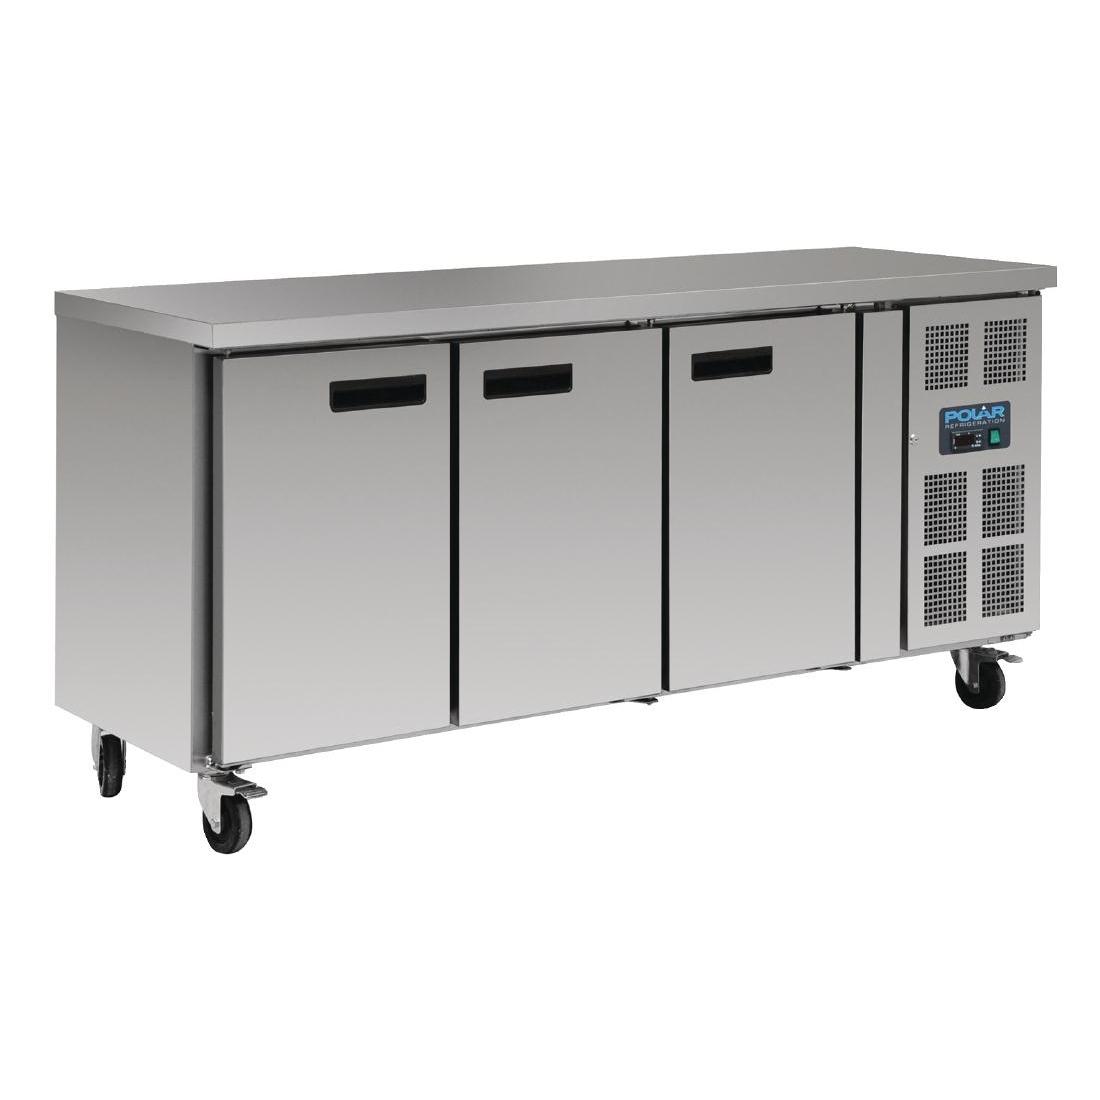 Table réfrigérée positive 3 portes 417L